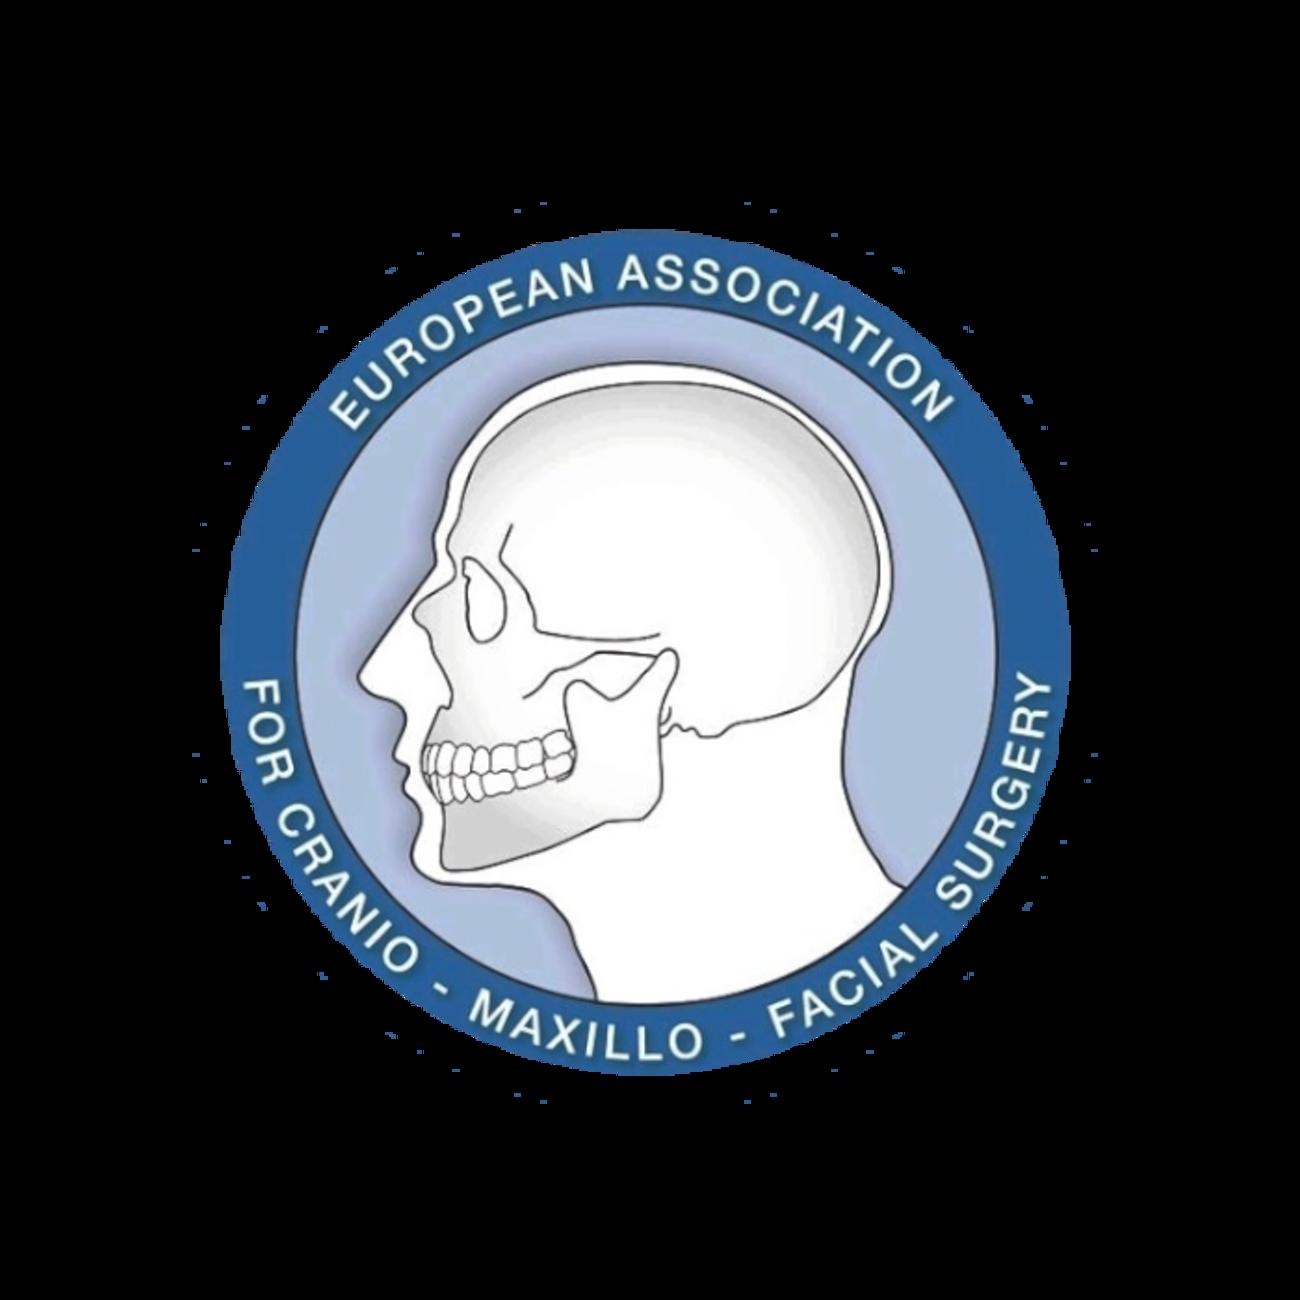 Webinar about the TMJ Parametro by the European Association of Cranio-Maxillo-Facial Surgery